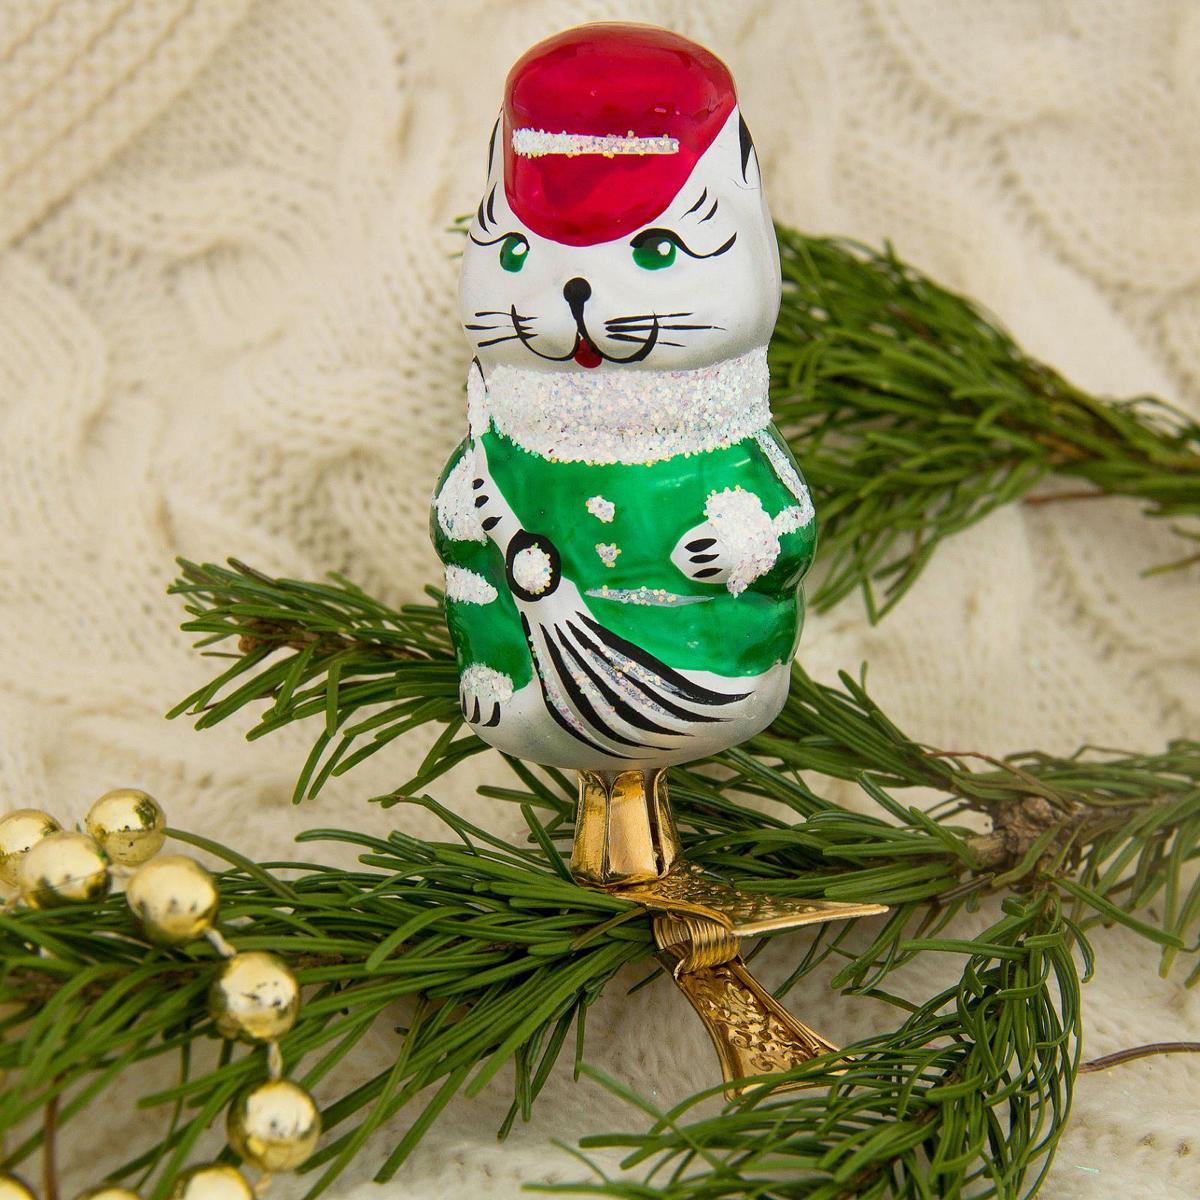 Новогоднее подвесное украшение Ёлочка Кот дворник, 3 х 4,5 х 9 см2564810Новогоднее подвесное украшение Ёлочка отлично подойдет для декорации вашего дома и новогодней ели. Новогоднее украшение можно повесить в любом понравившемся вам месте. Но, конечно, удачнее всего оно будет смотреться на праздничной елке.Елочная игрушка - символ Нового года. Она несет в себе волшебство и красоту праздника. Такое украшение создаст в вашем доме атмосферу праздника, веселья и радости.